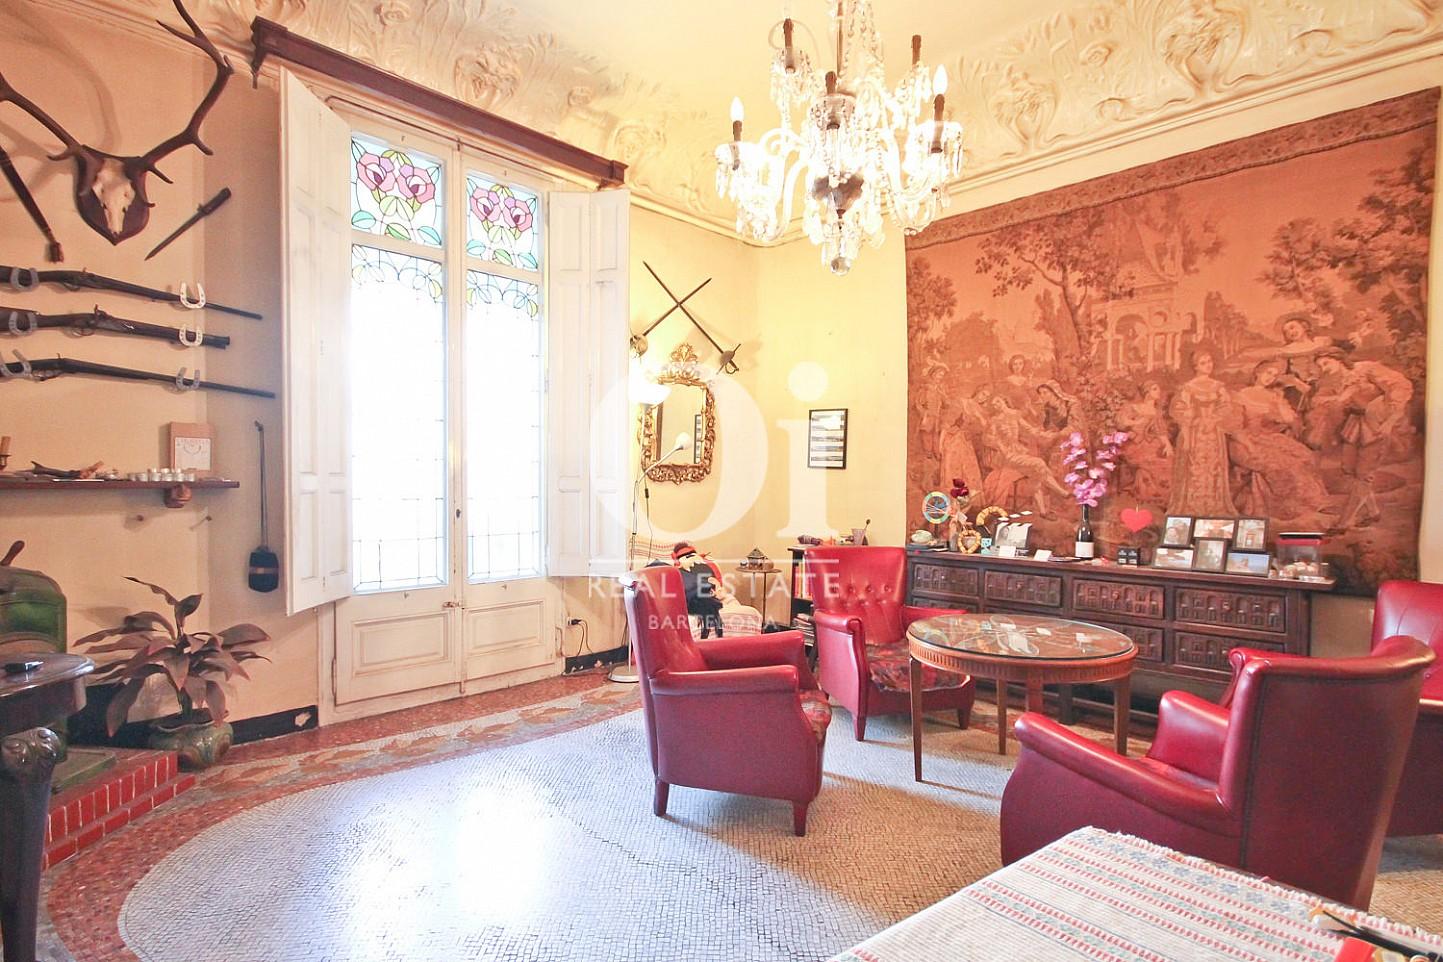 Impressionant salon-appartement-luxueux. Moderniste-Eixample